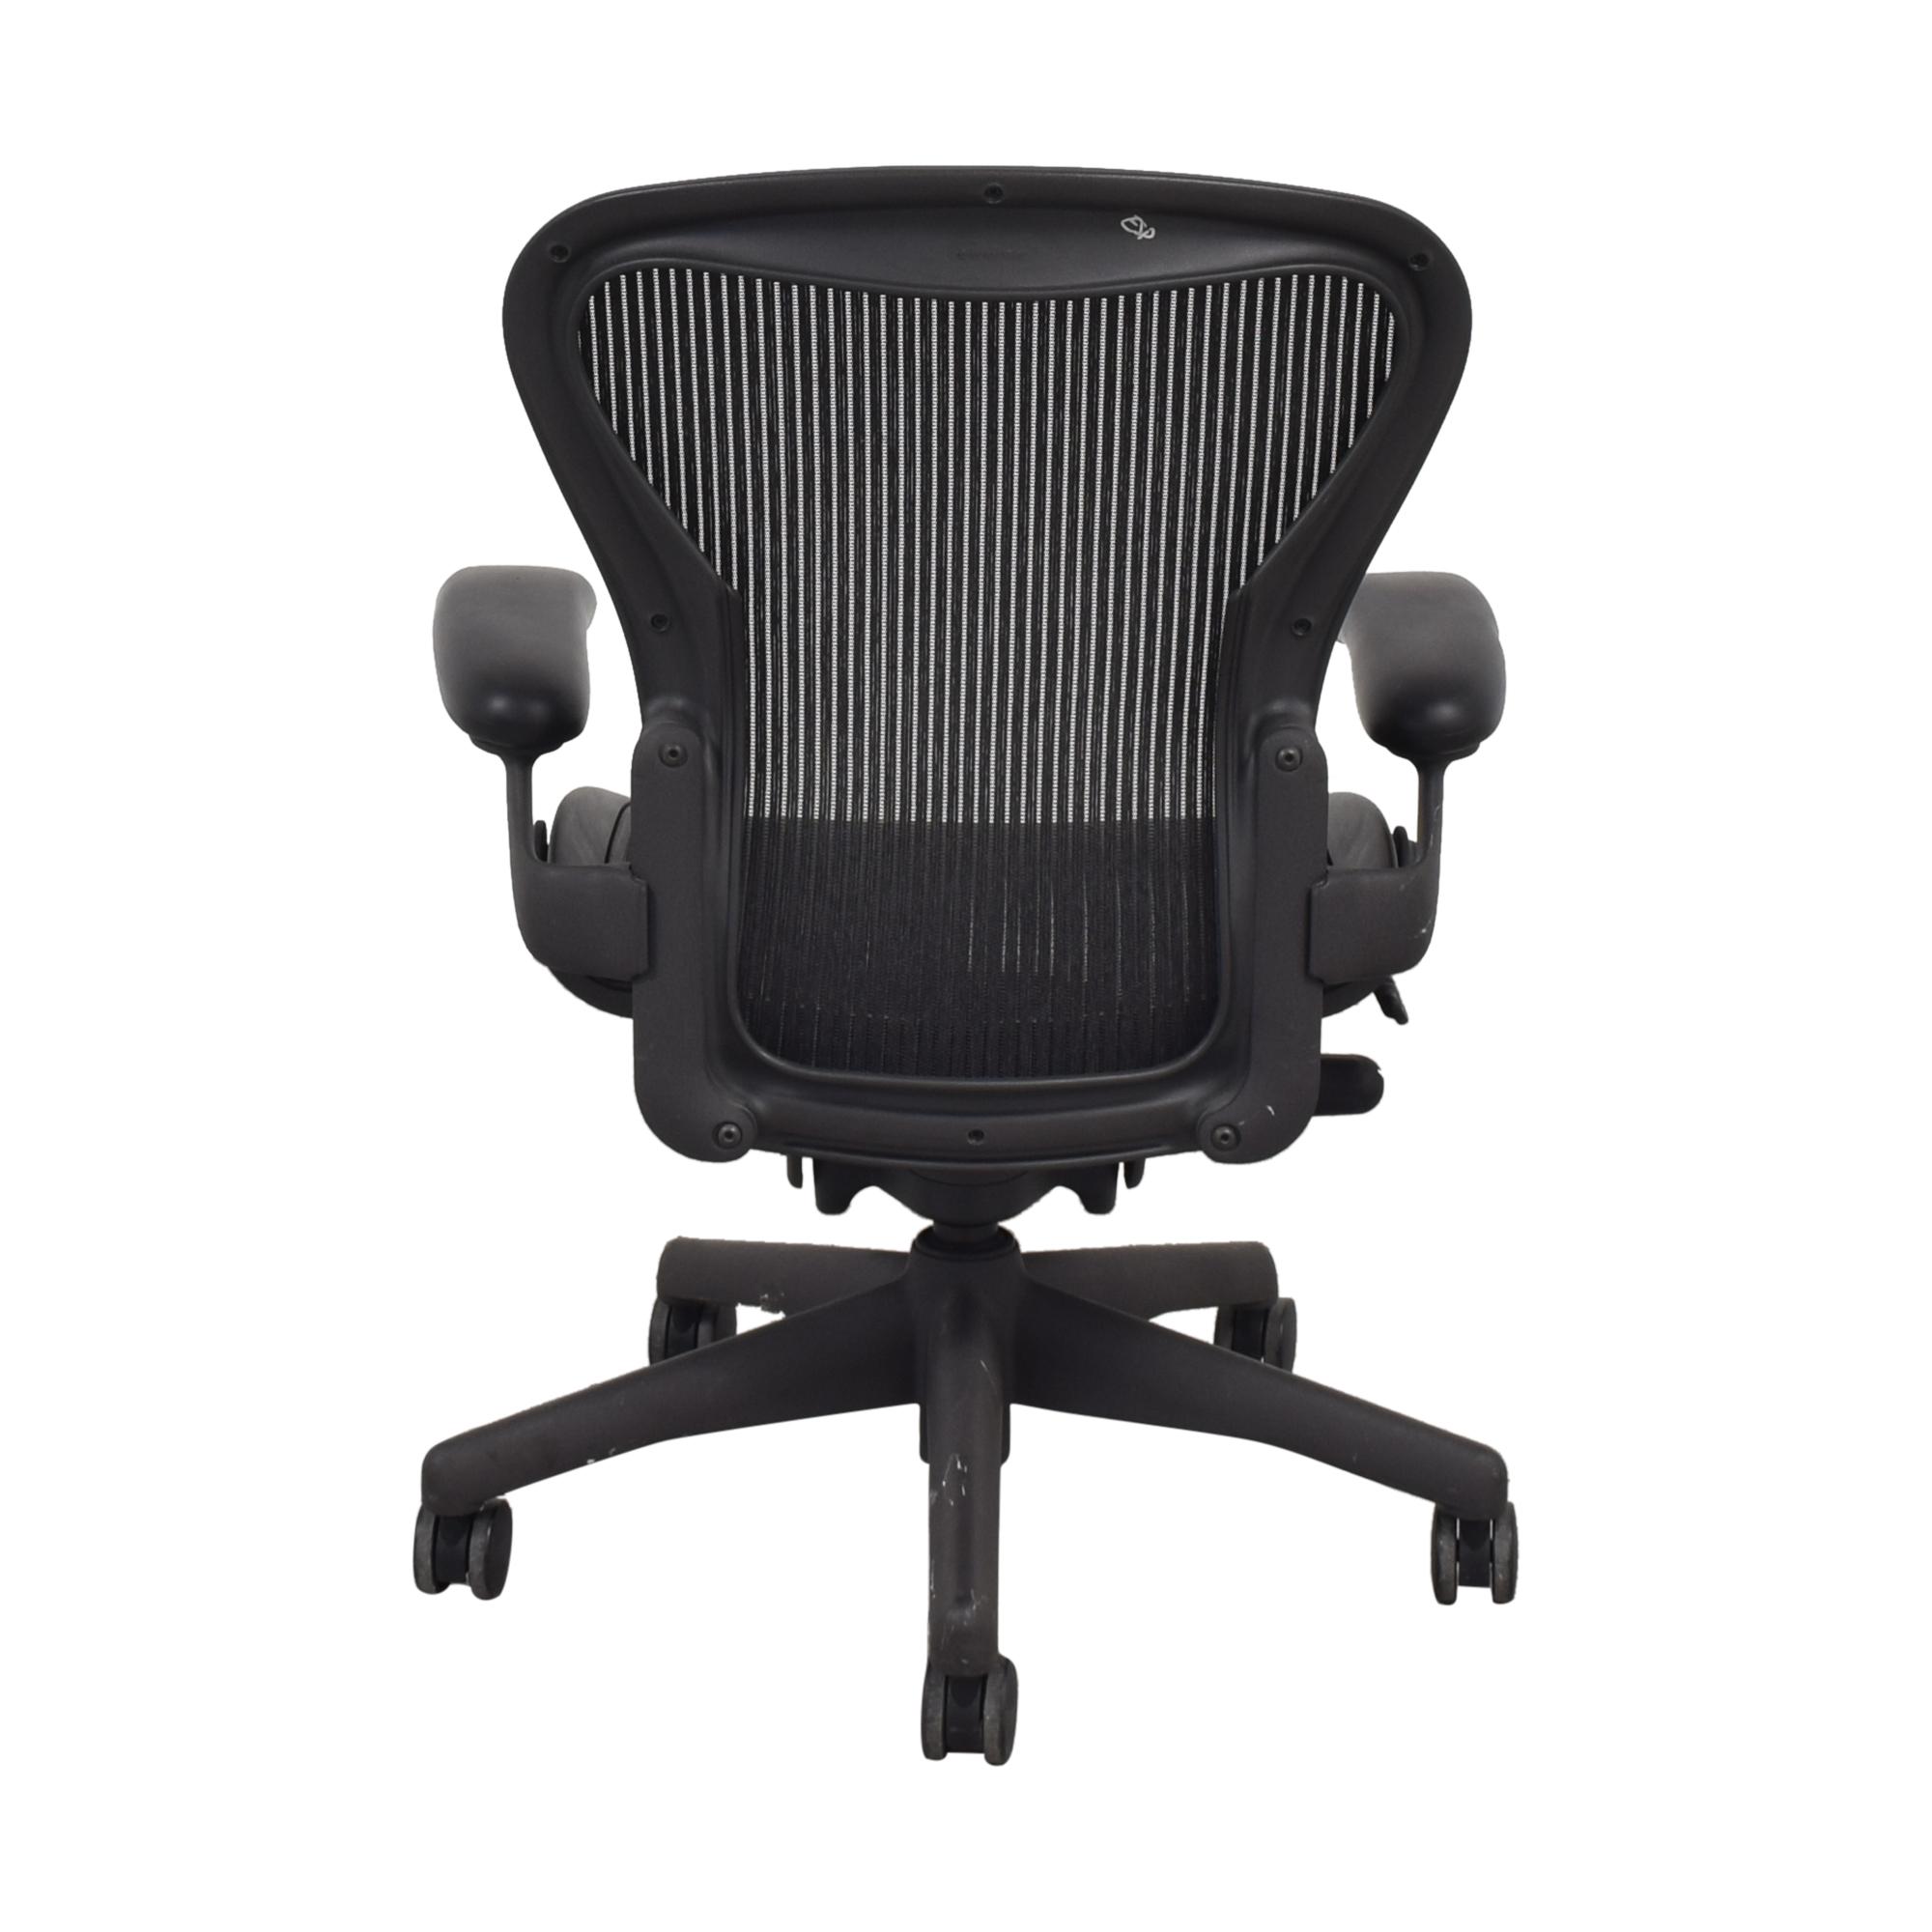 Herman Miller Herman Miller Size B Aeron Chair